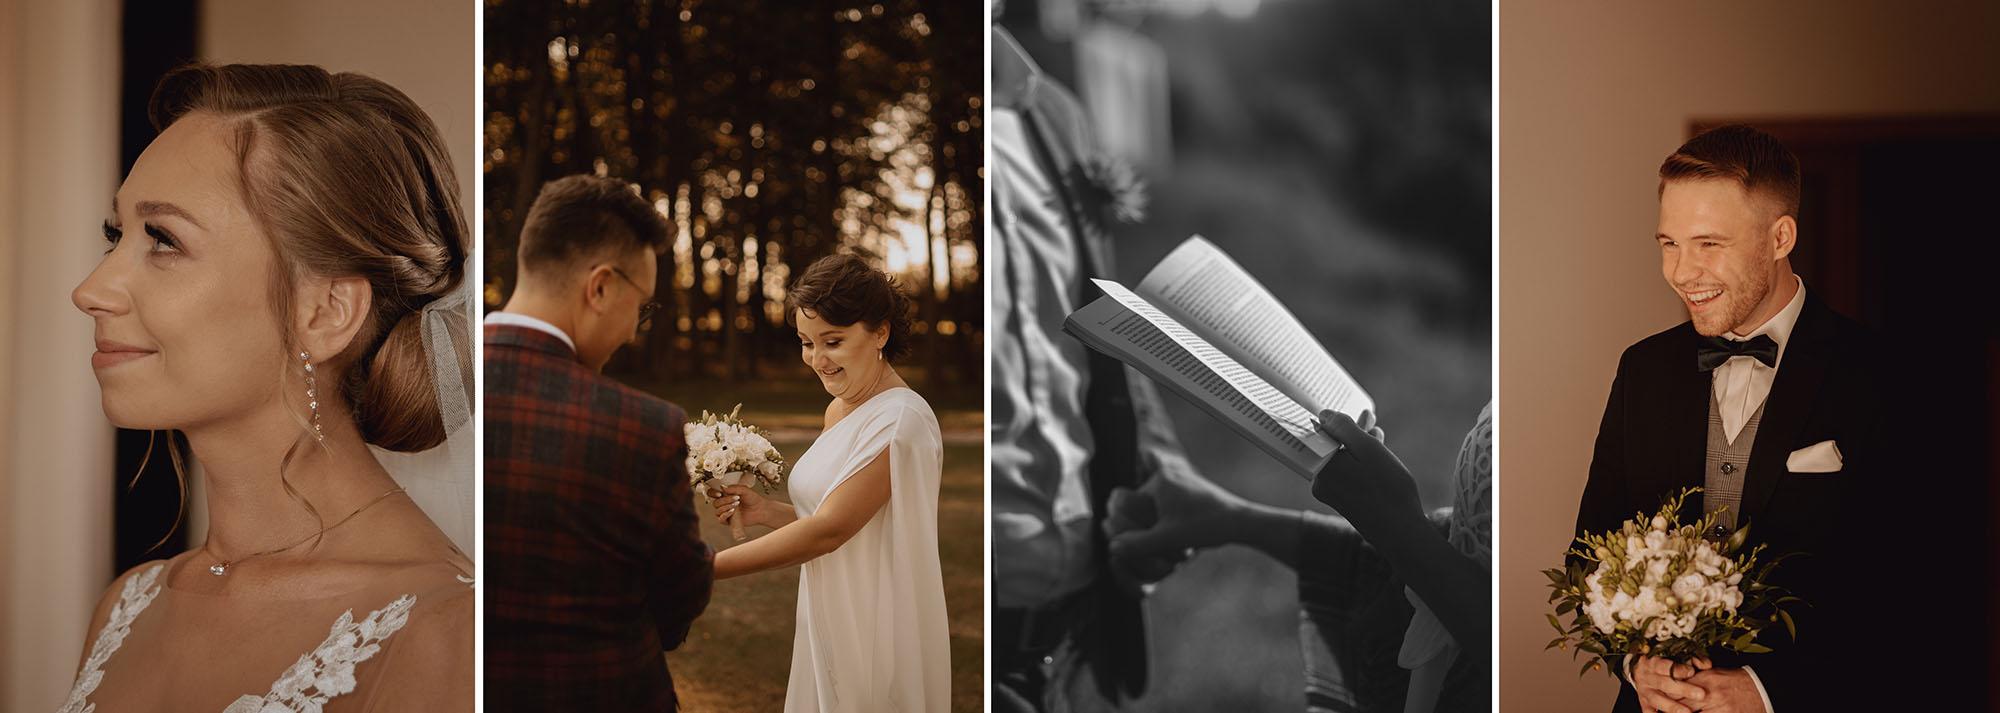 firstlook - Te rzeczy sprawią, że dzień ślubu będzie piękniejszy